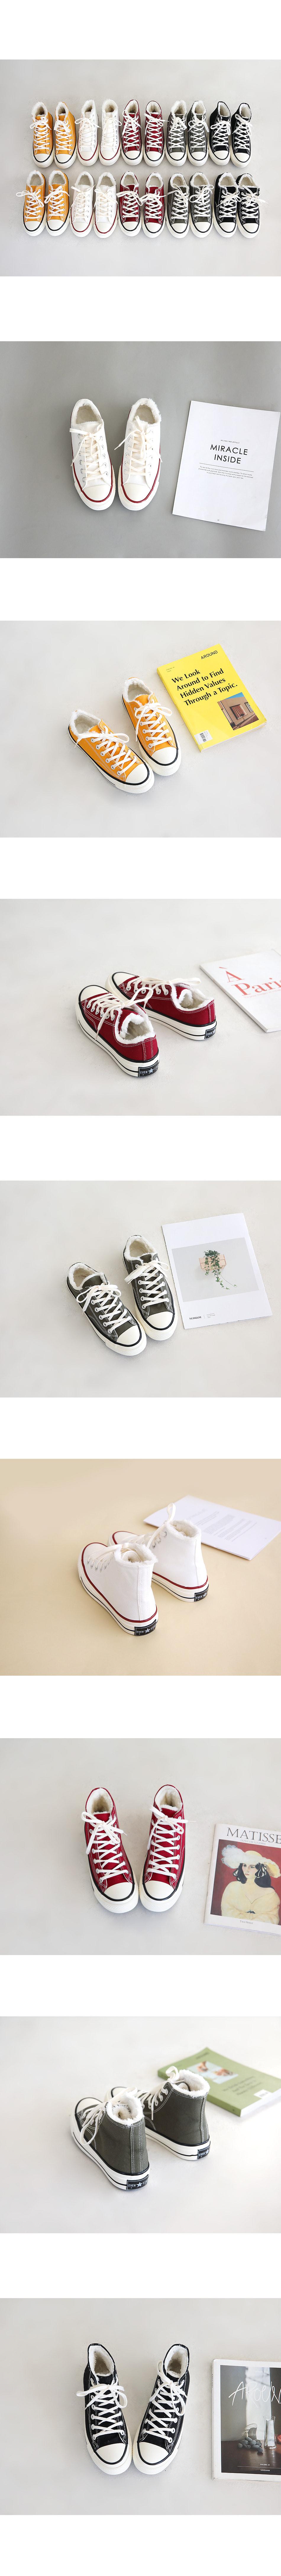 Simple Basic Fur Fleece Converse Shoes 2cm